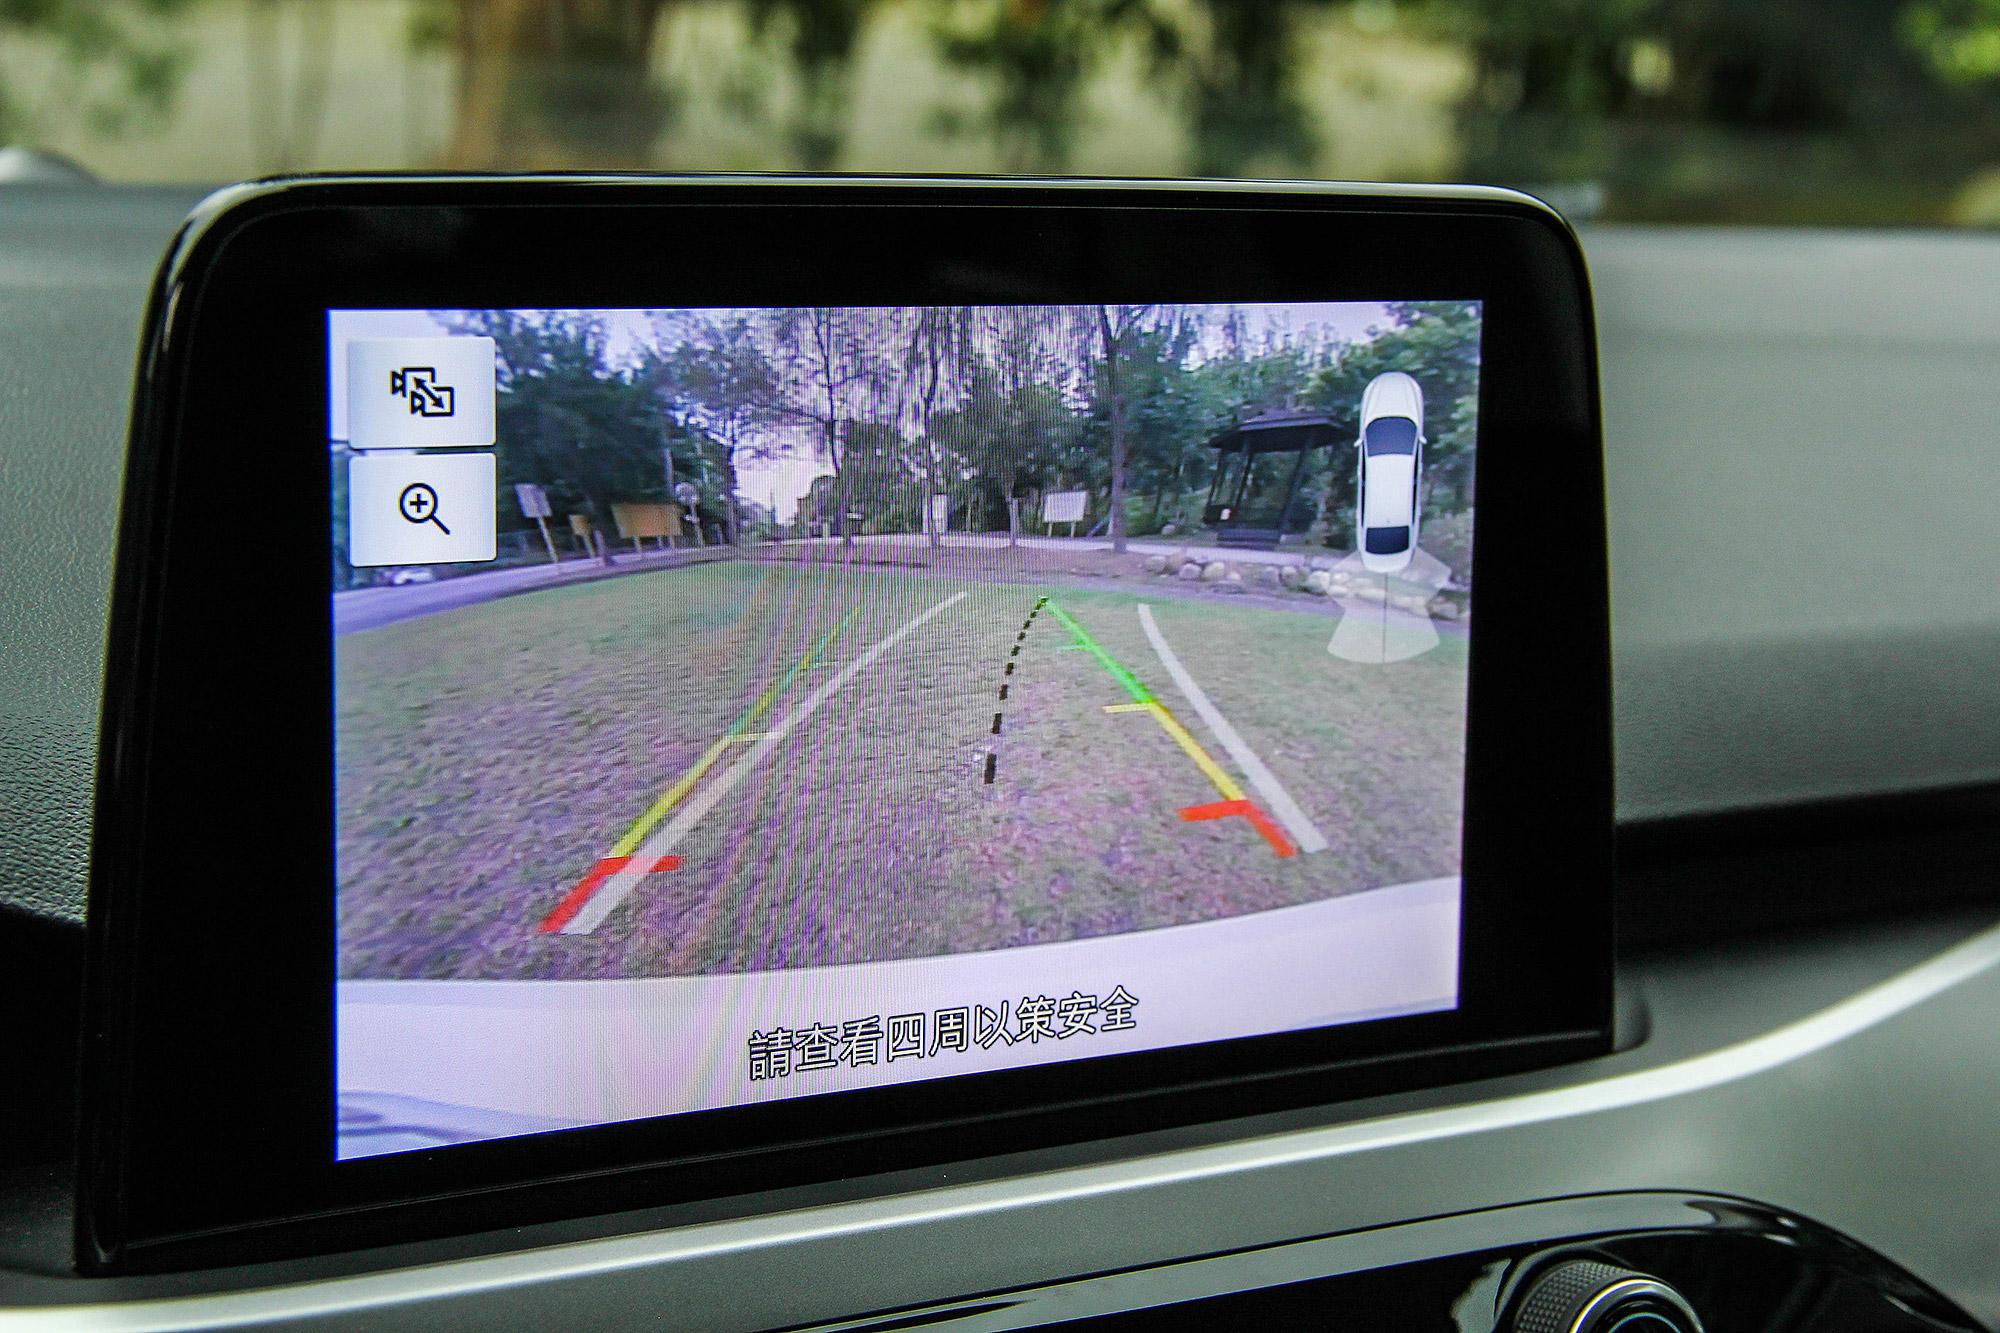 倒車顯影配有路徑指示線。